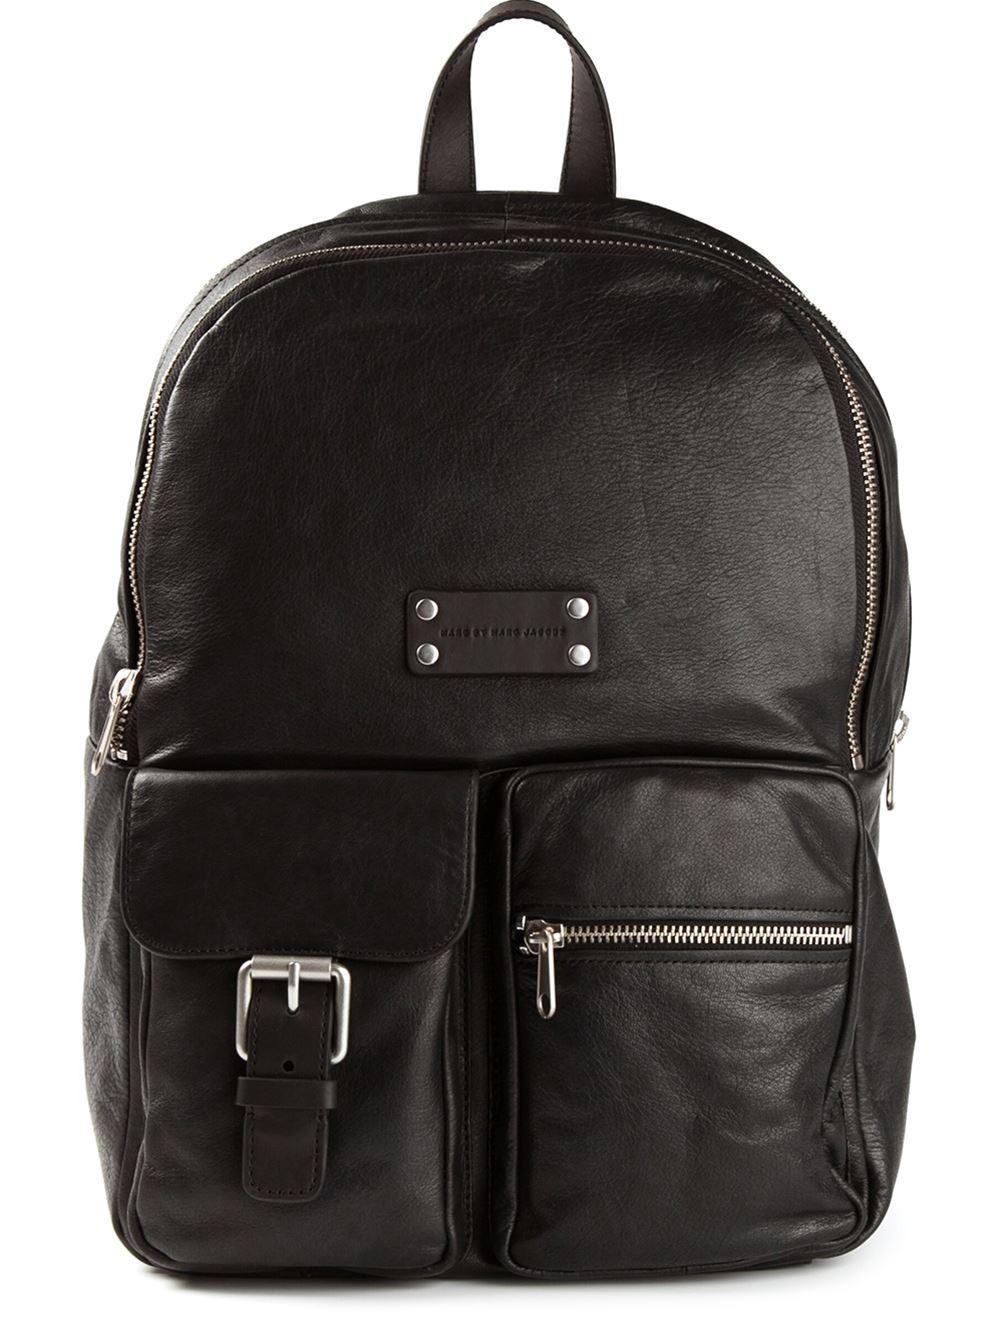 marc by marc jacobs super trooper backpack in black lyst. Black Bedroom Furniture Sets. Home Design Ideas